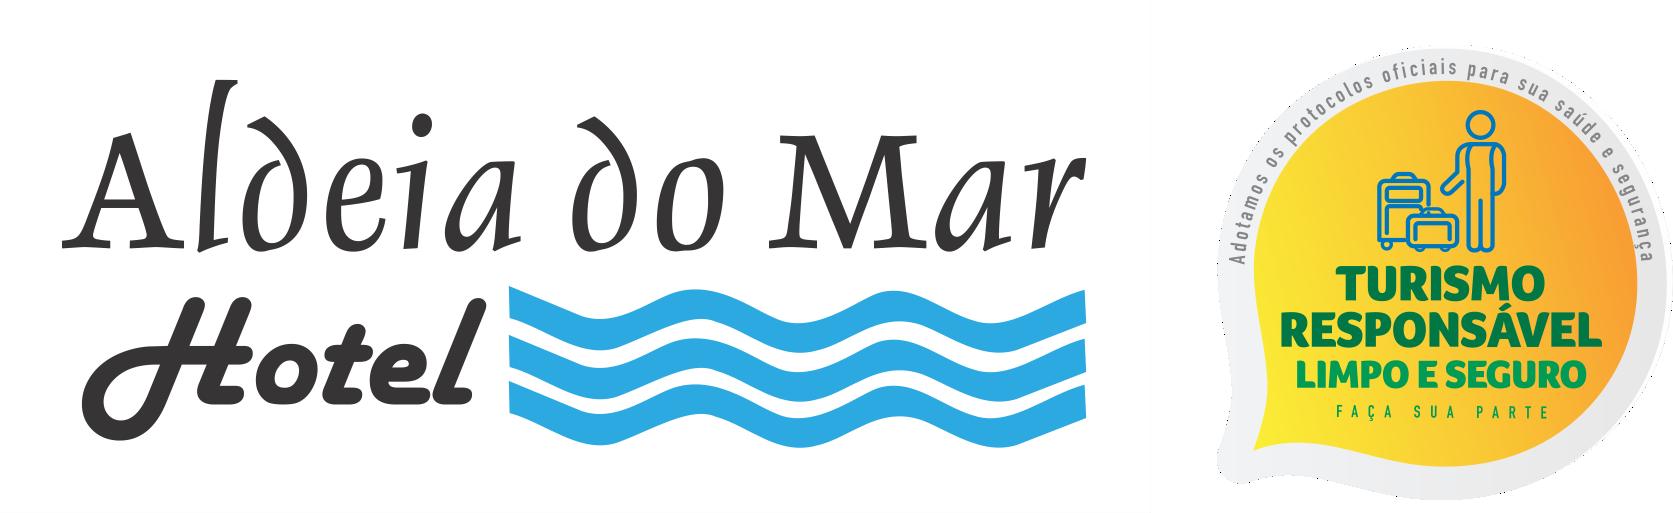 Aldeia do Mar